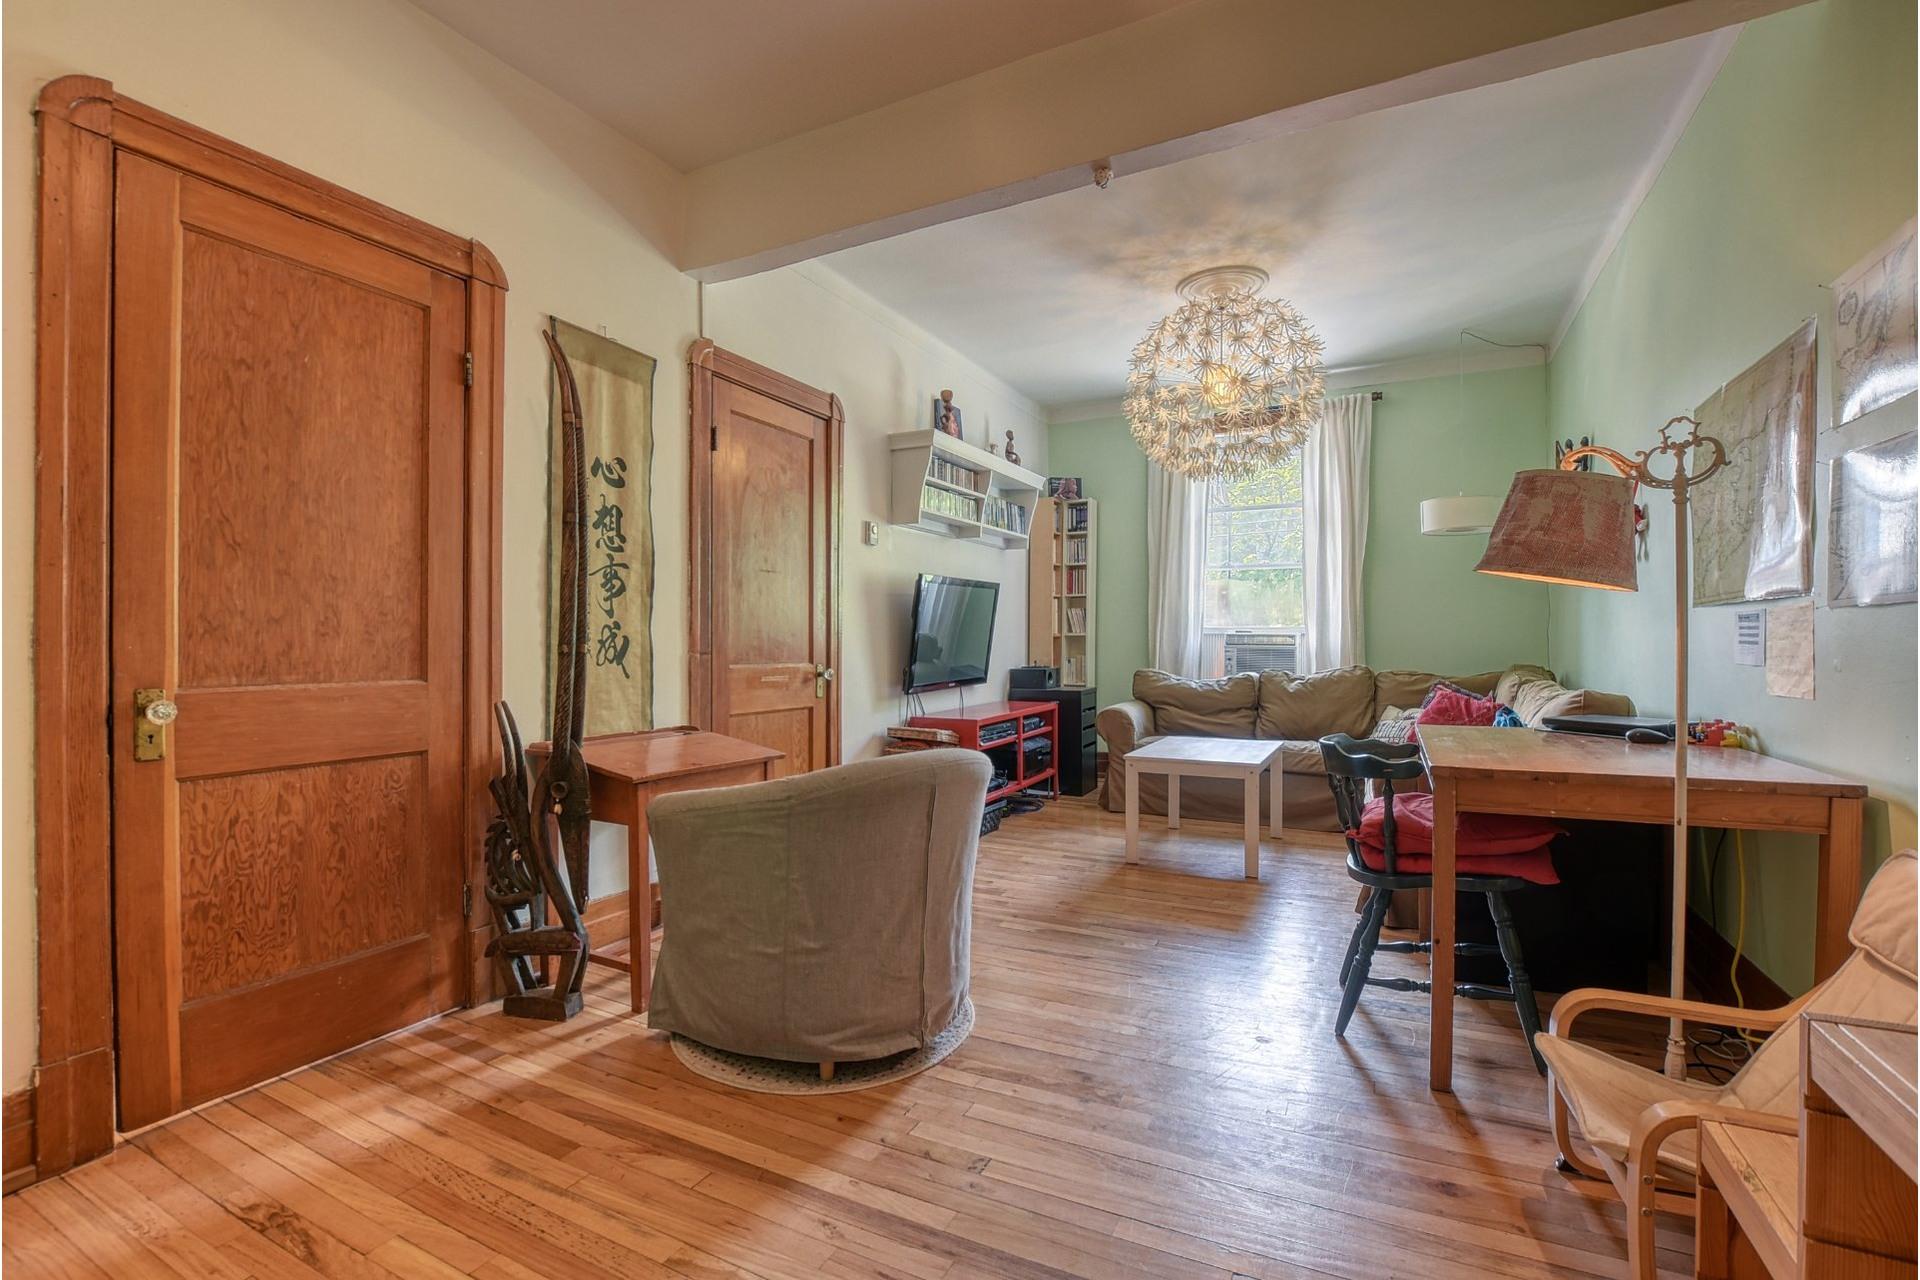 image 9 - Duplex À vendre Rosemont/La Petite-Patrie Montréal  - 6 pièces